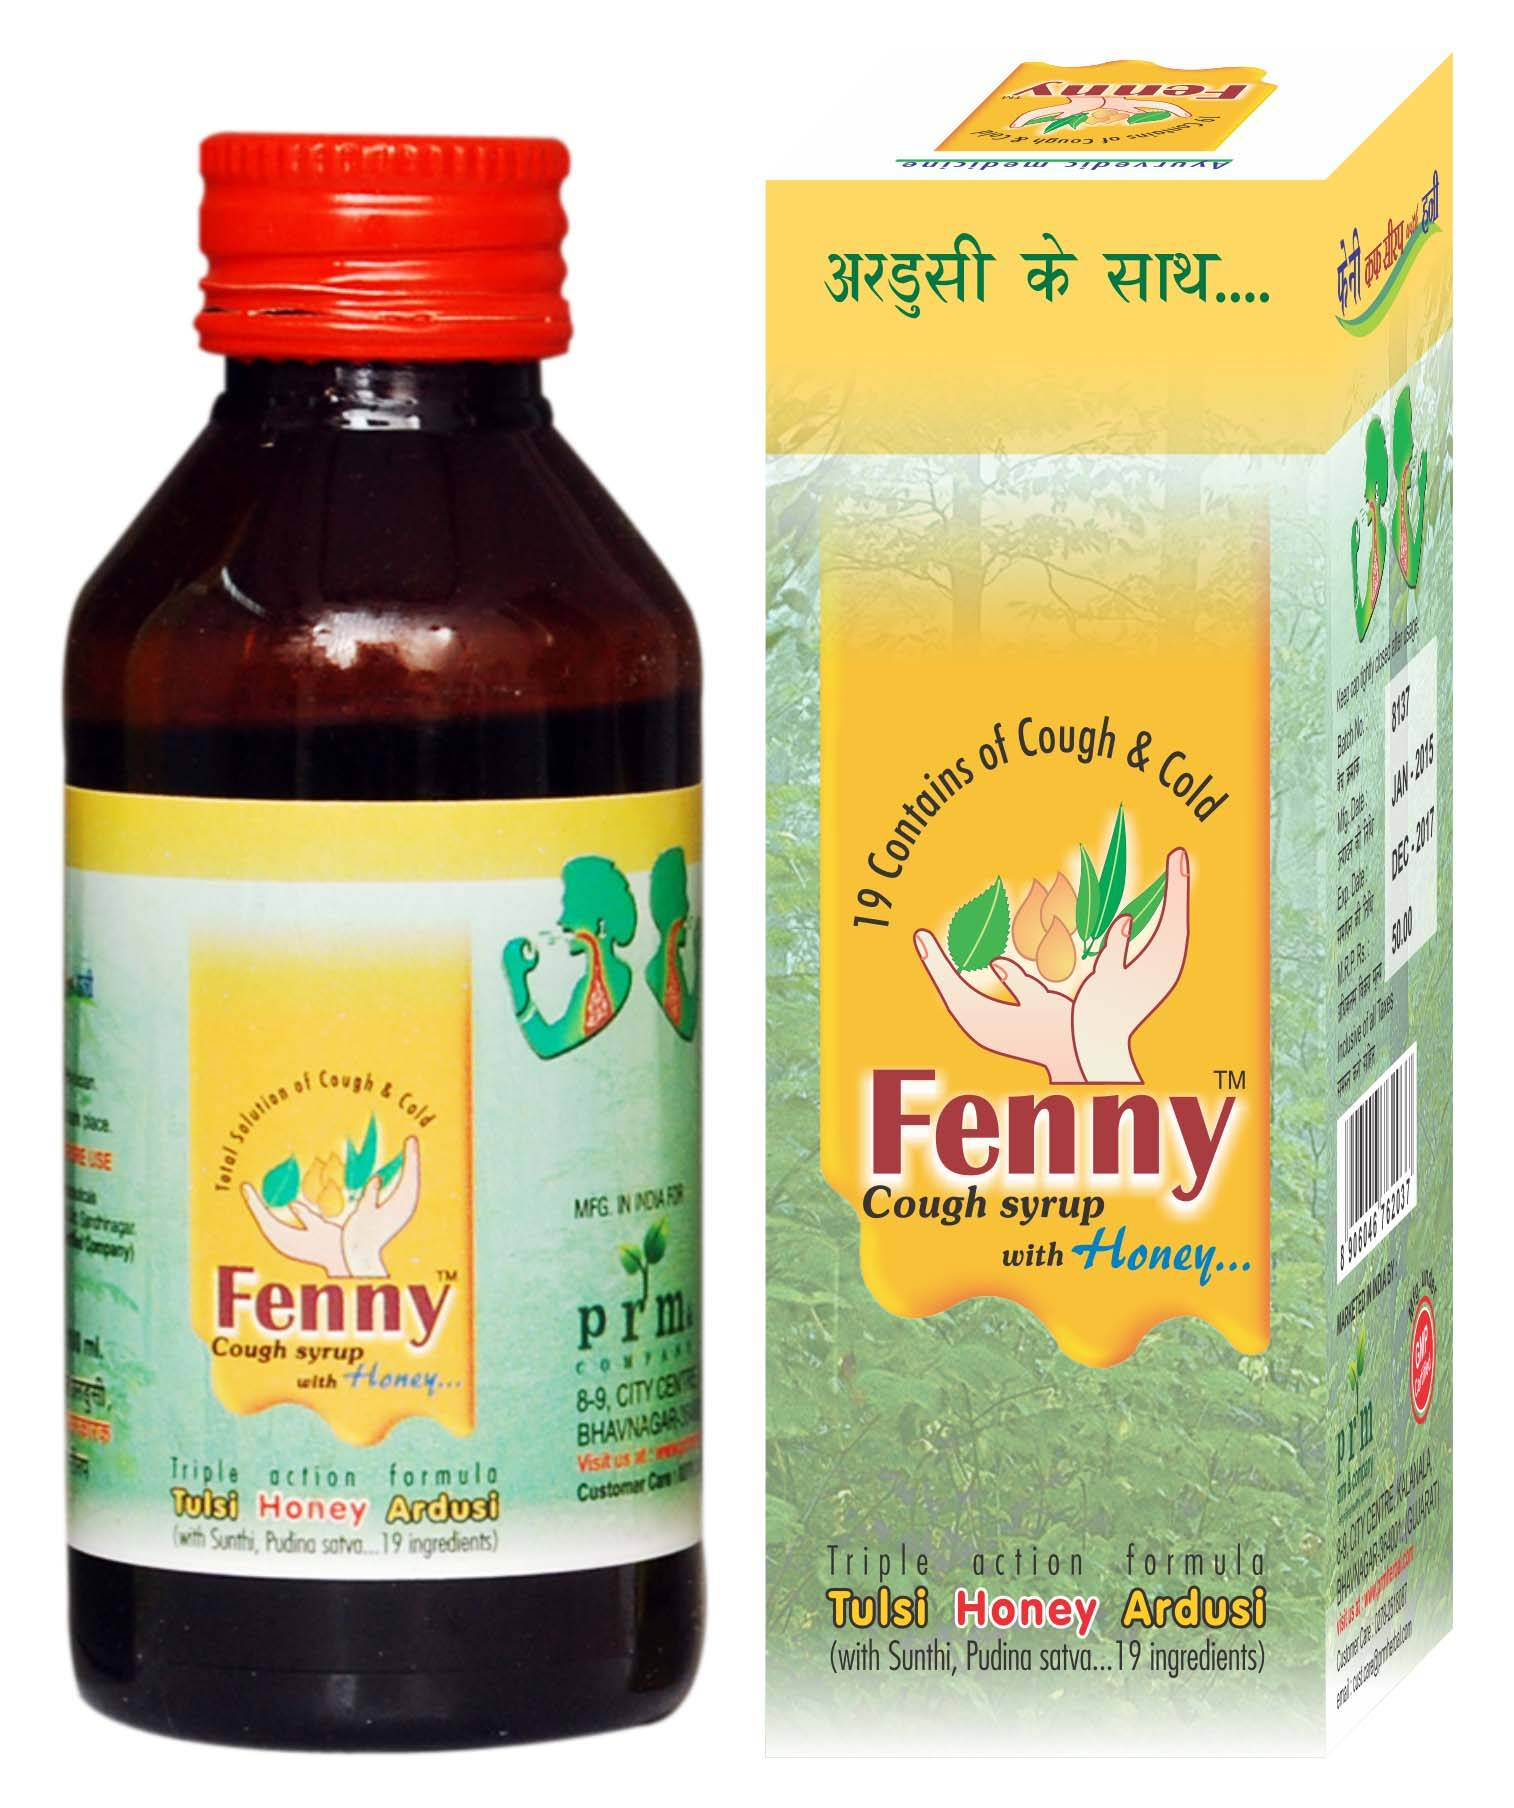 Fenny Cough Syrup